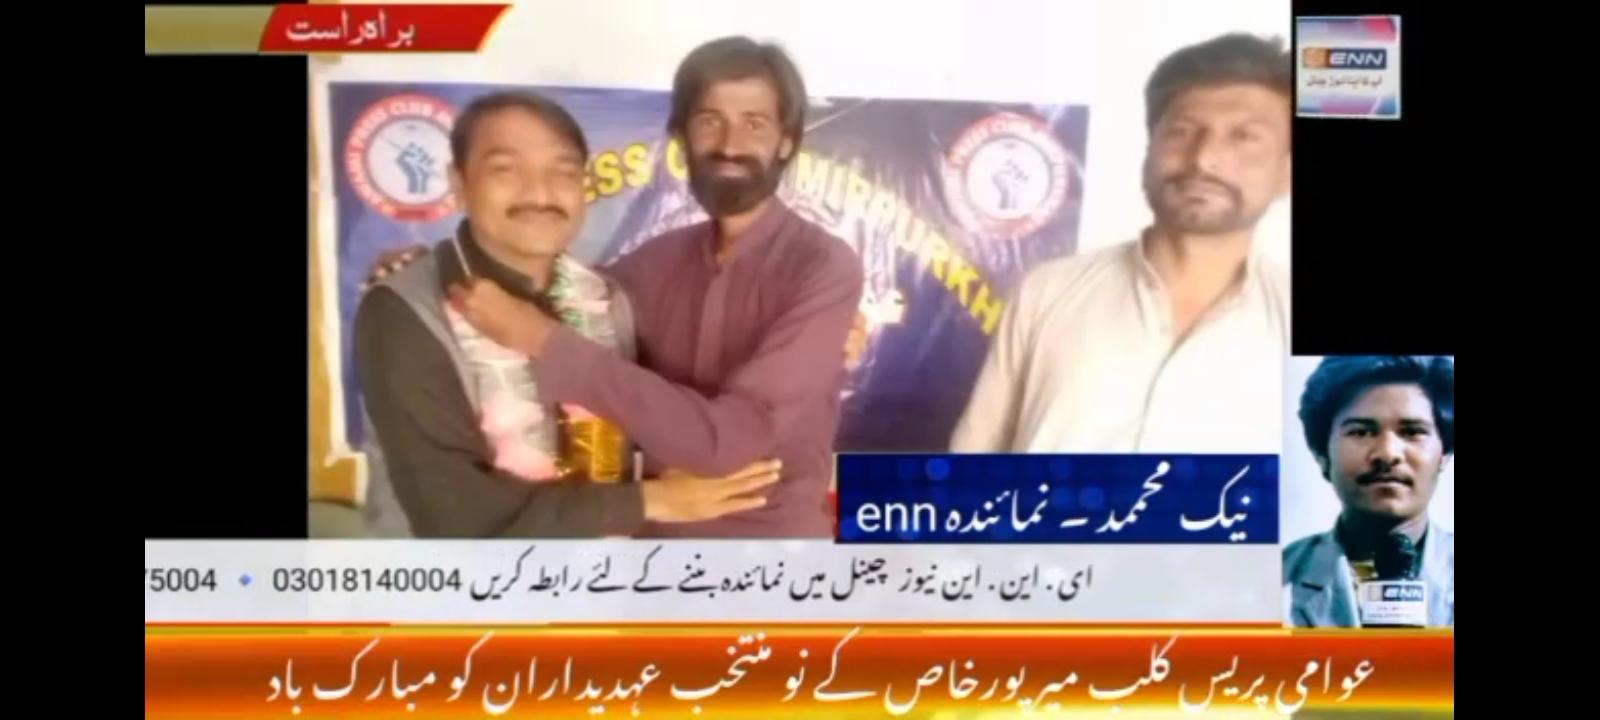 عوامی پریس کلب میرپورخاص کے نو منتخب عہدیداران کو مبارک باد